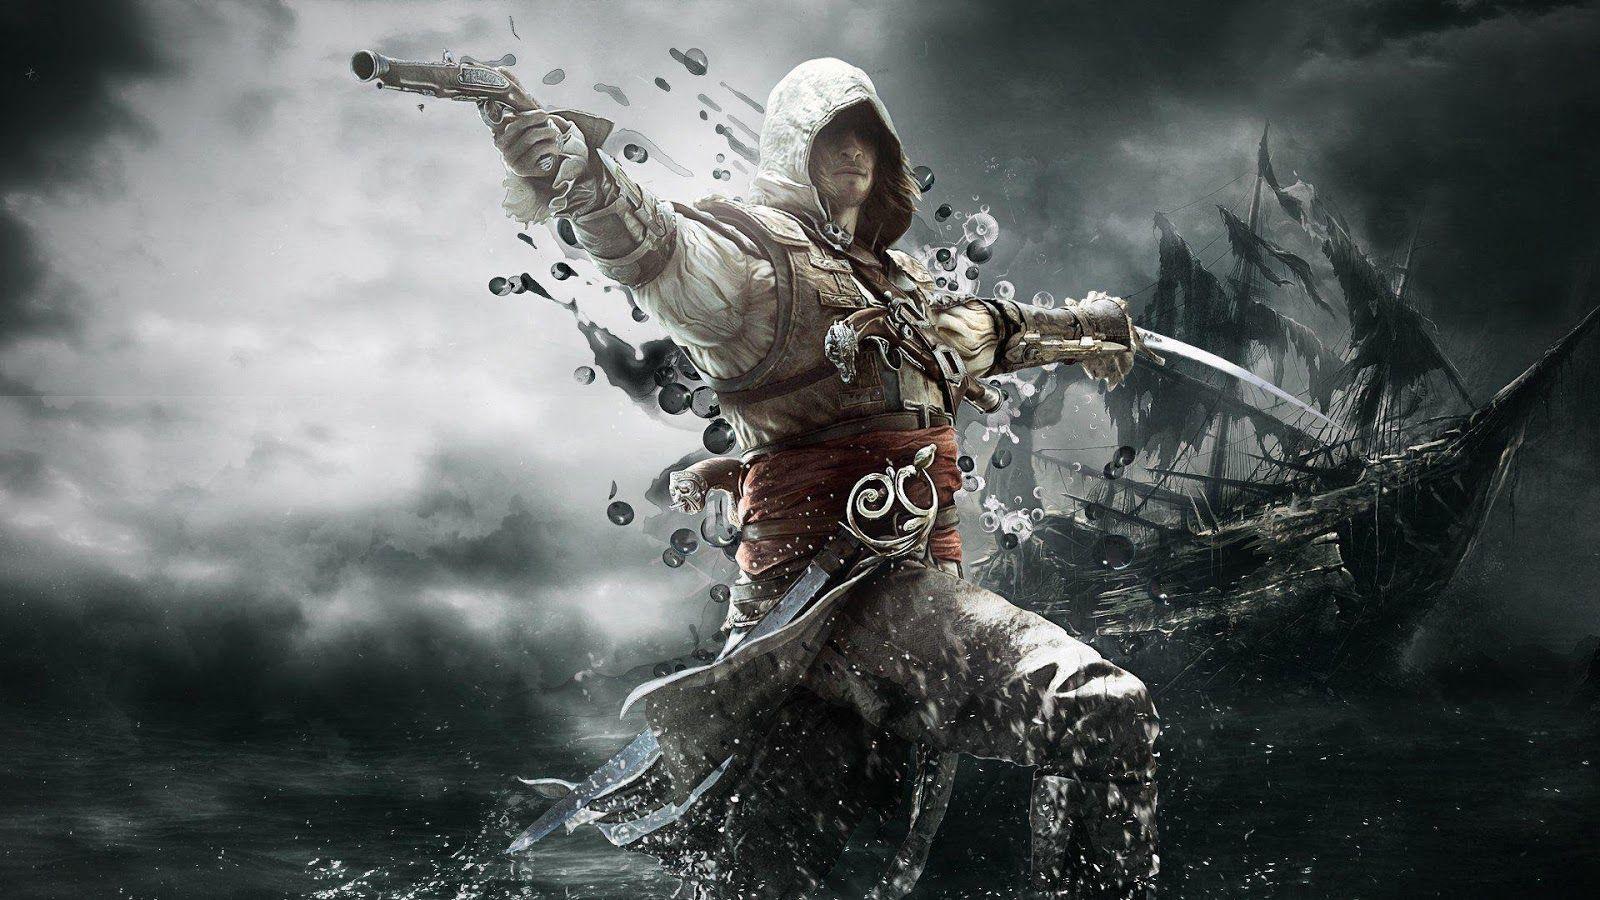 Wallpapers Assassin S Creed 8k خلفيات أساسنز كريد Assassins Creed Black Flag Assassin S Creed Black Assassins Creed Game